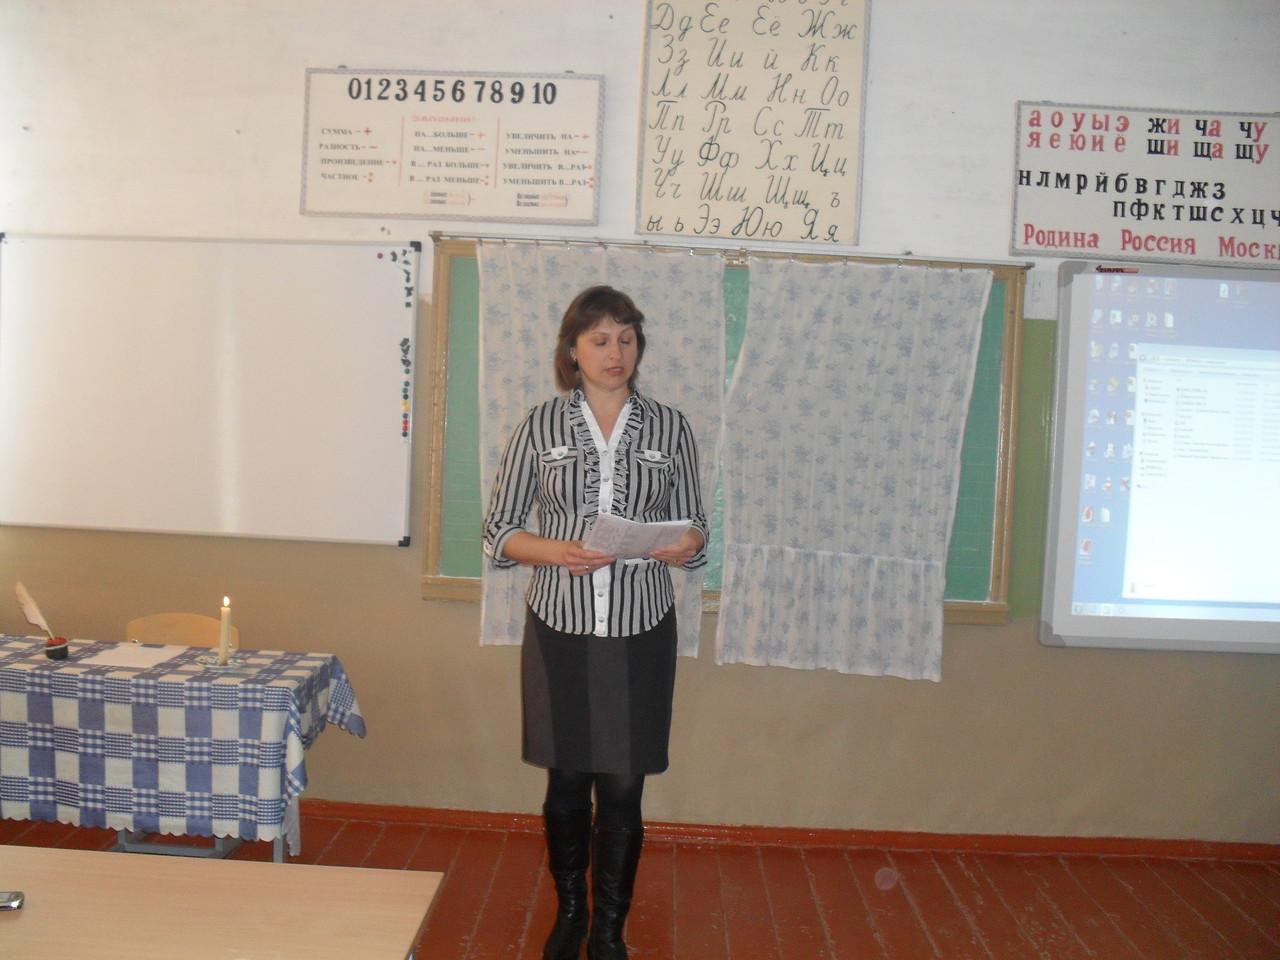 Ответственная за проведение конкурса учитель русского языка и литературы Литвин Светлана Фёдоровна